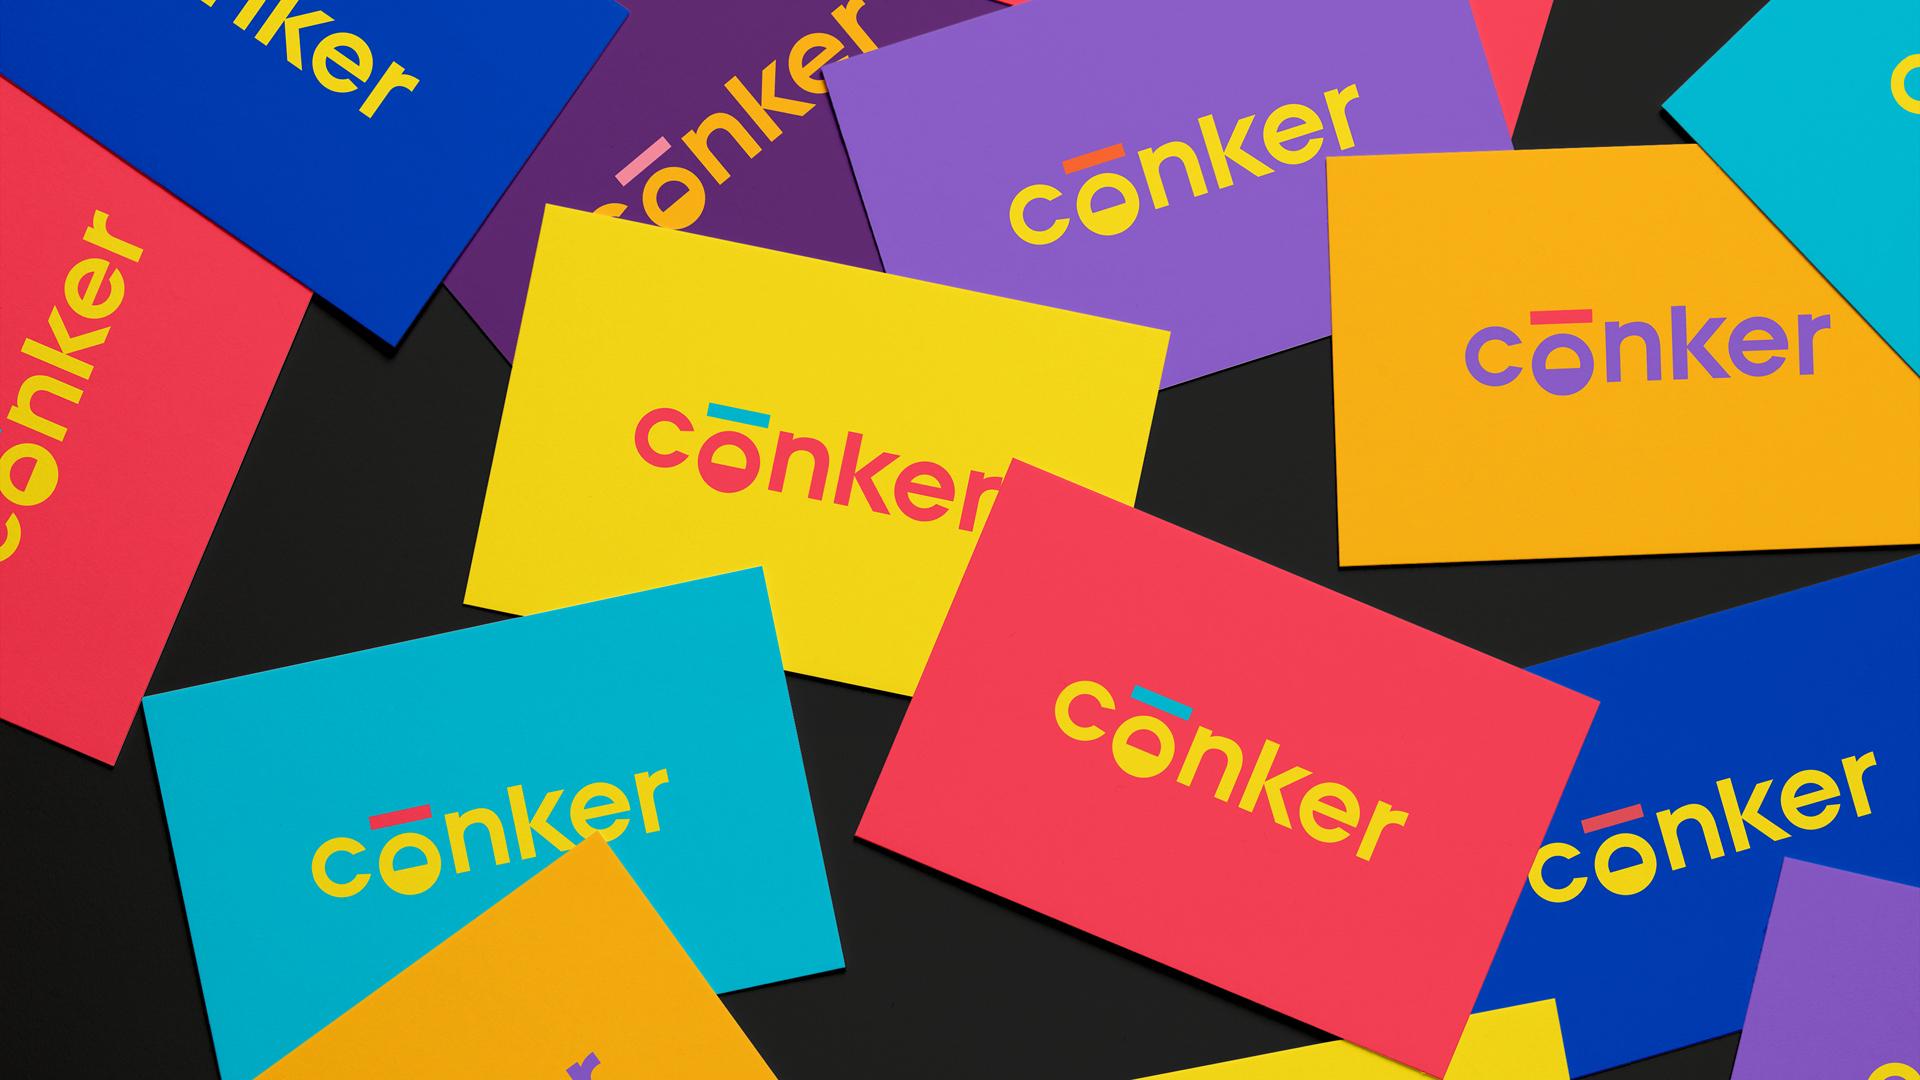 conker_des_carousel2